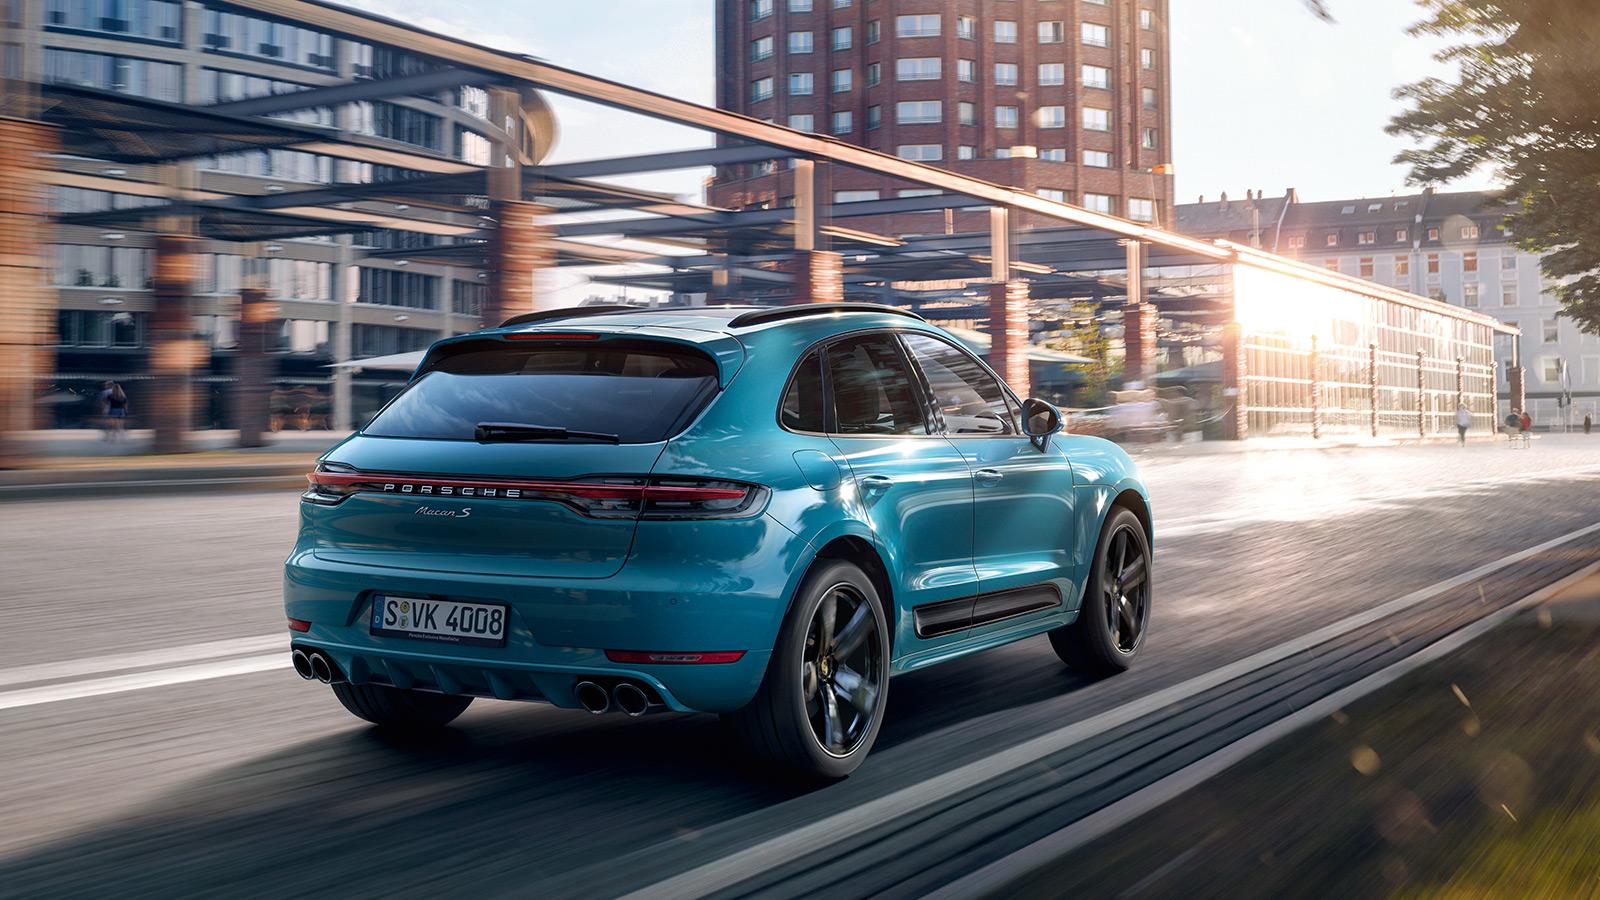 Porsche - Extérieur et performances